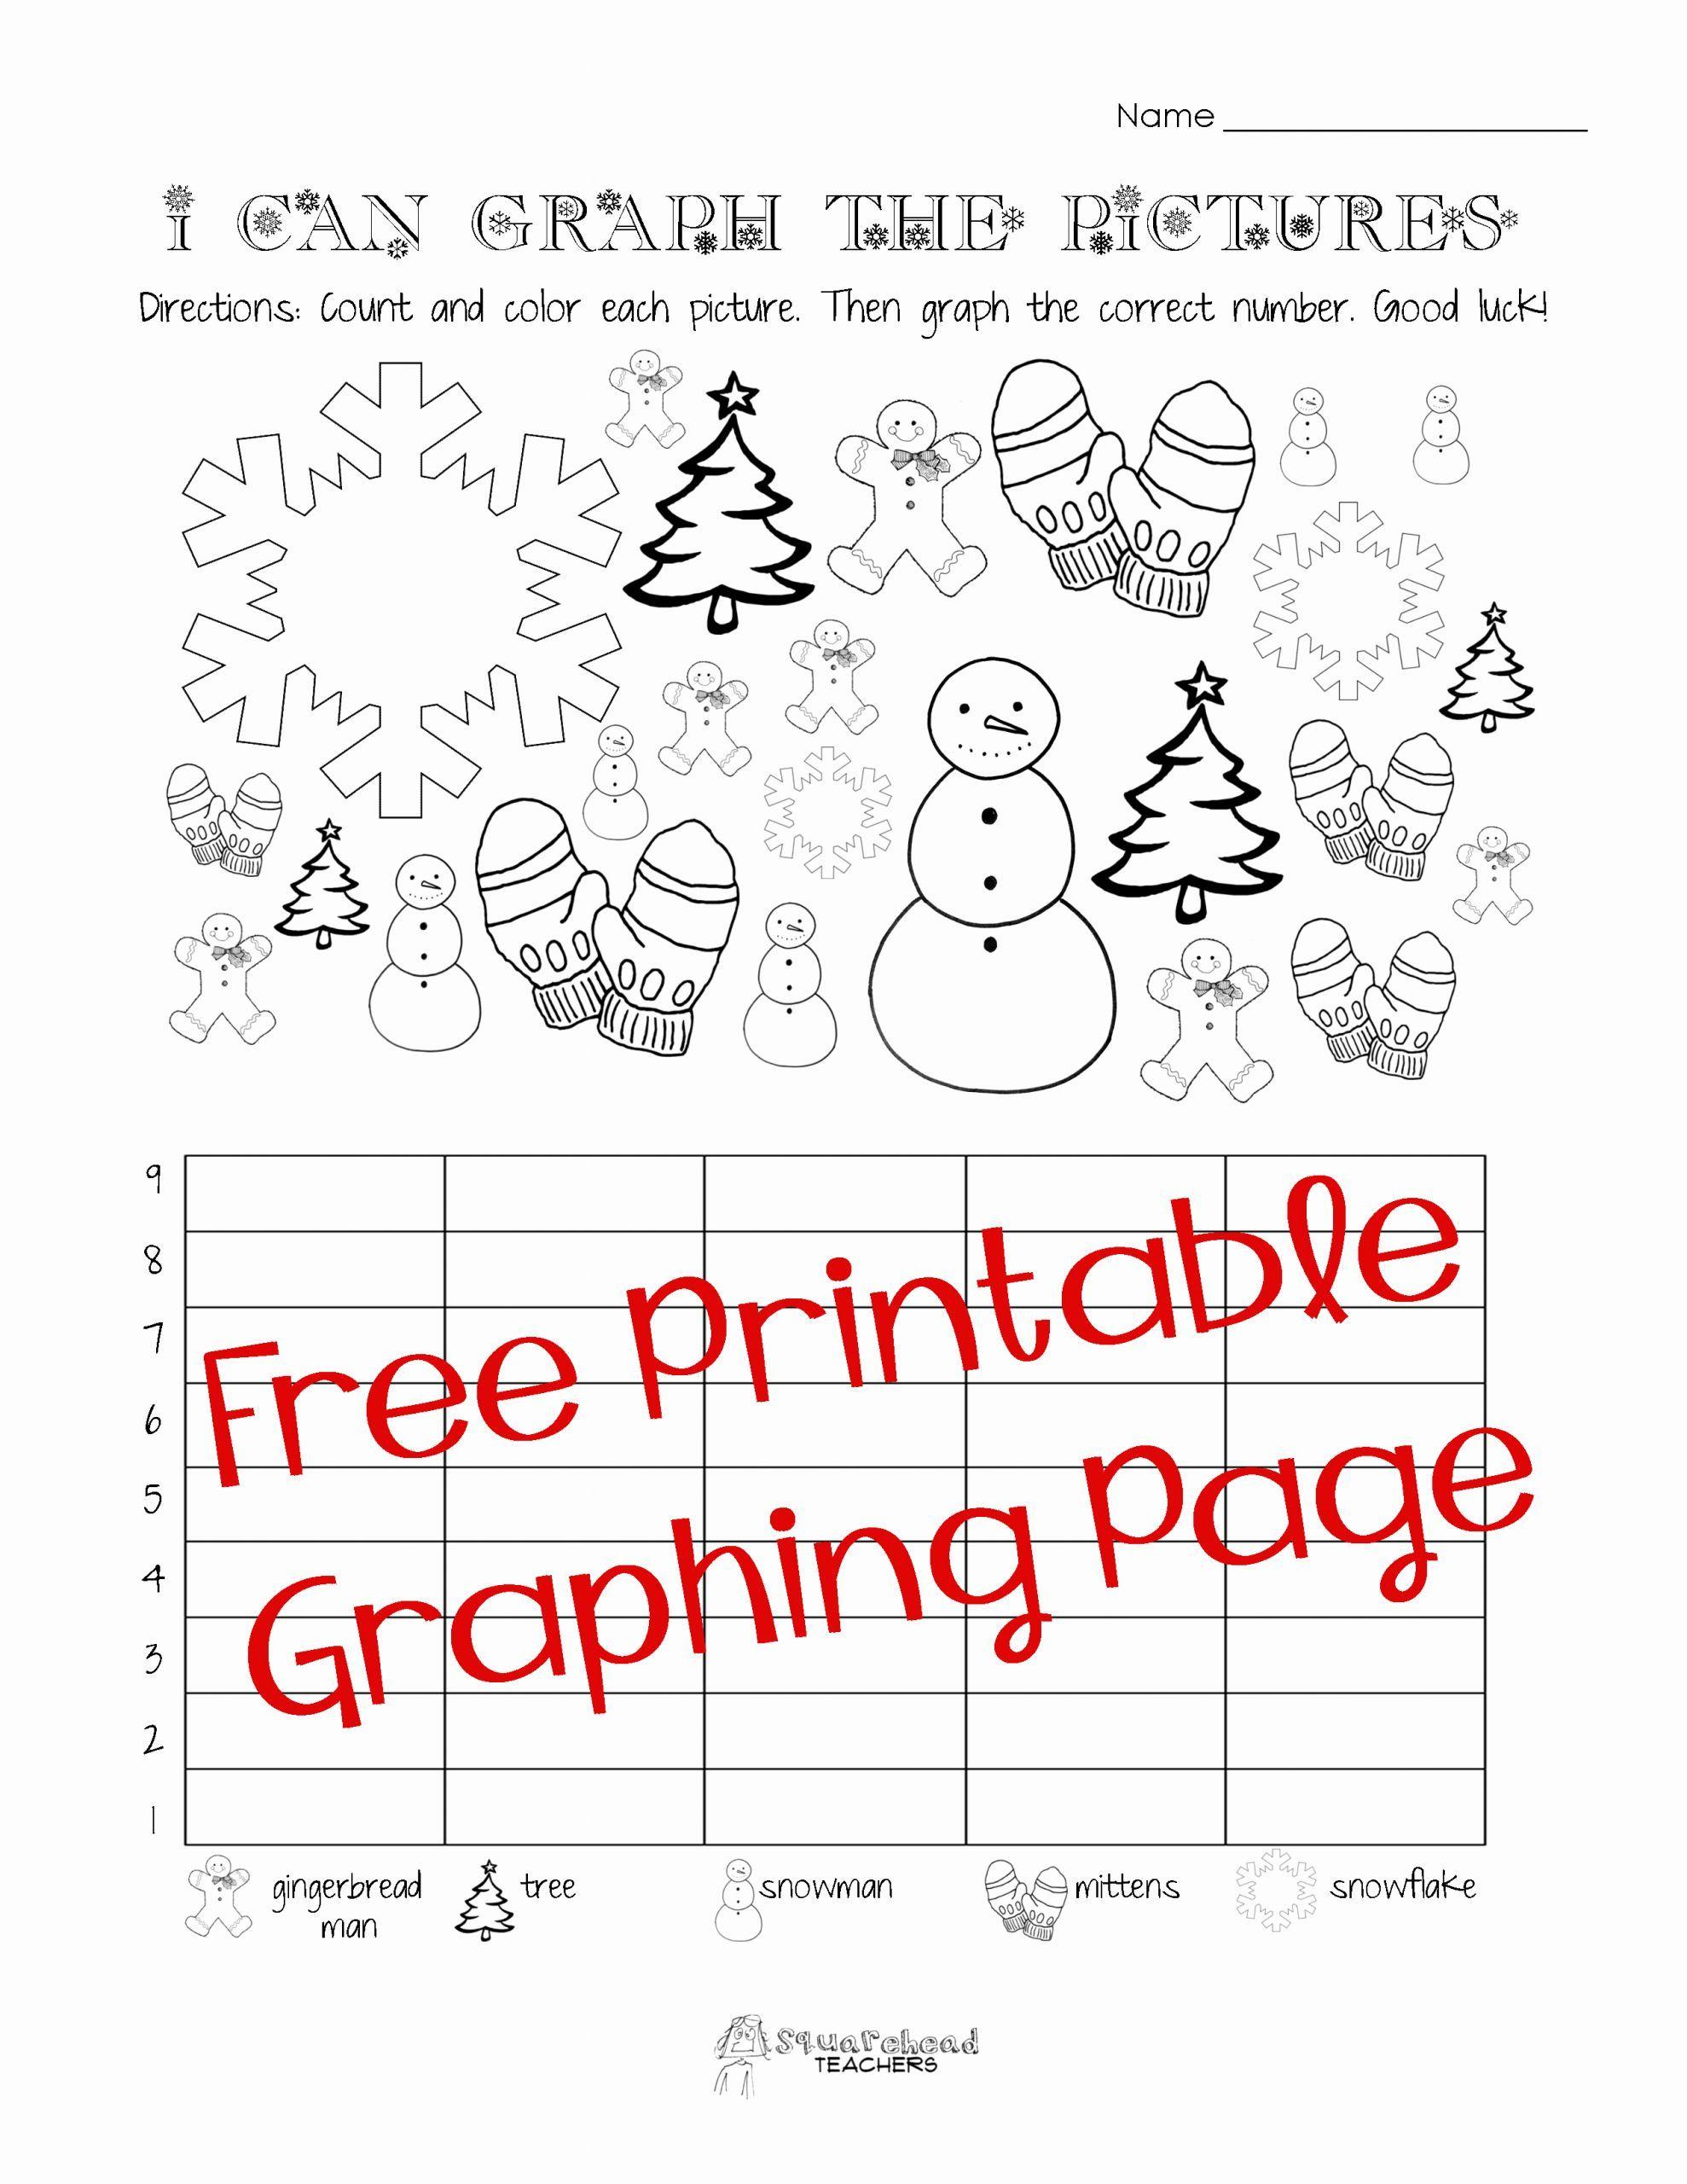 Graphing Worksheet Kindergarten Free In 2020 | Christmas